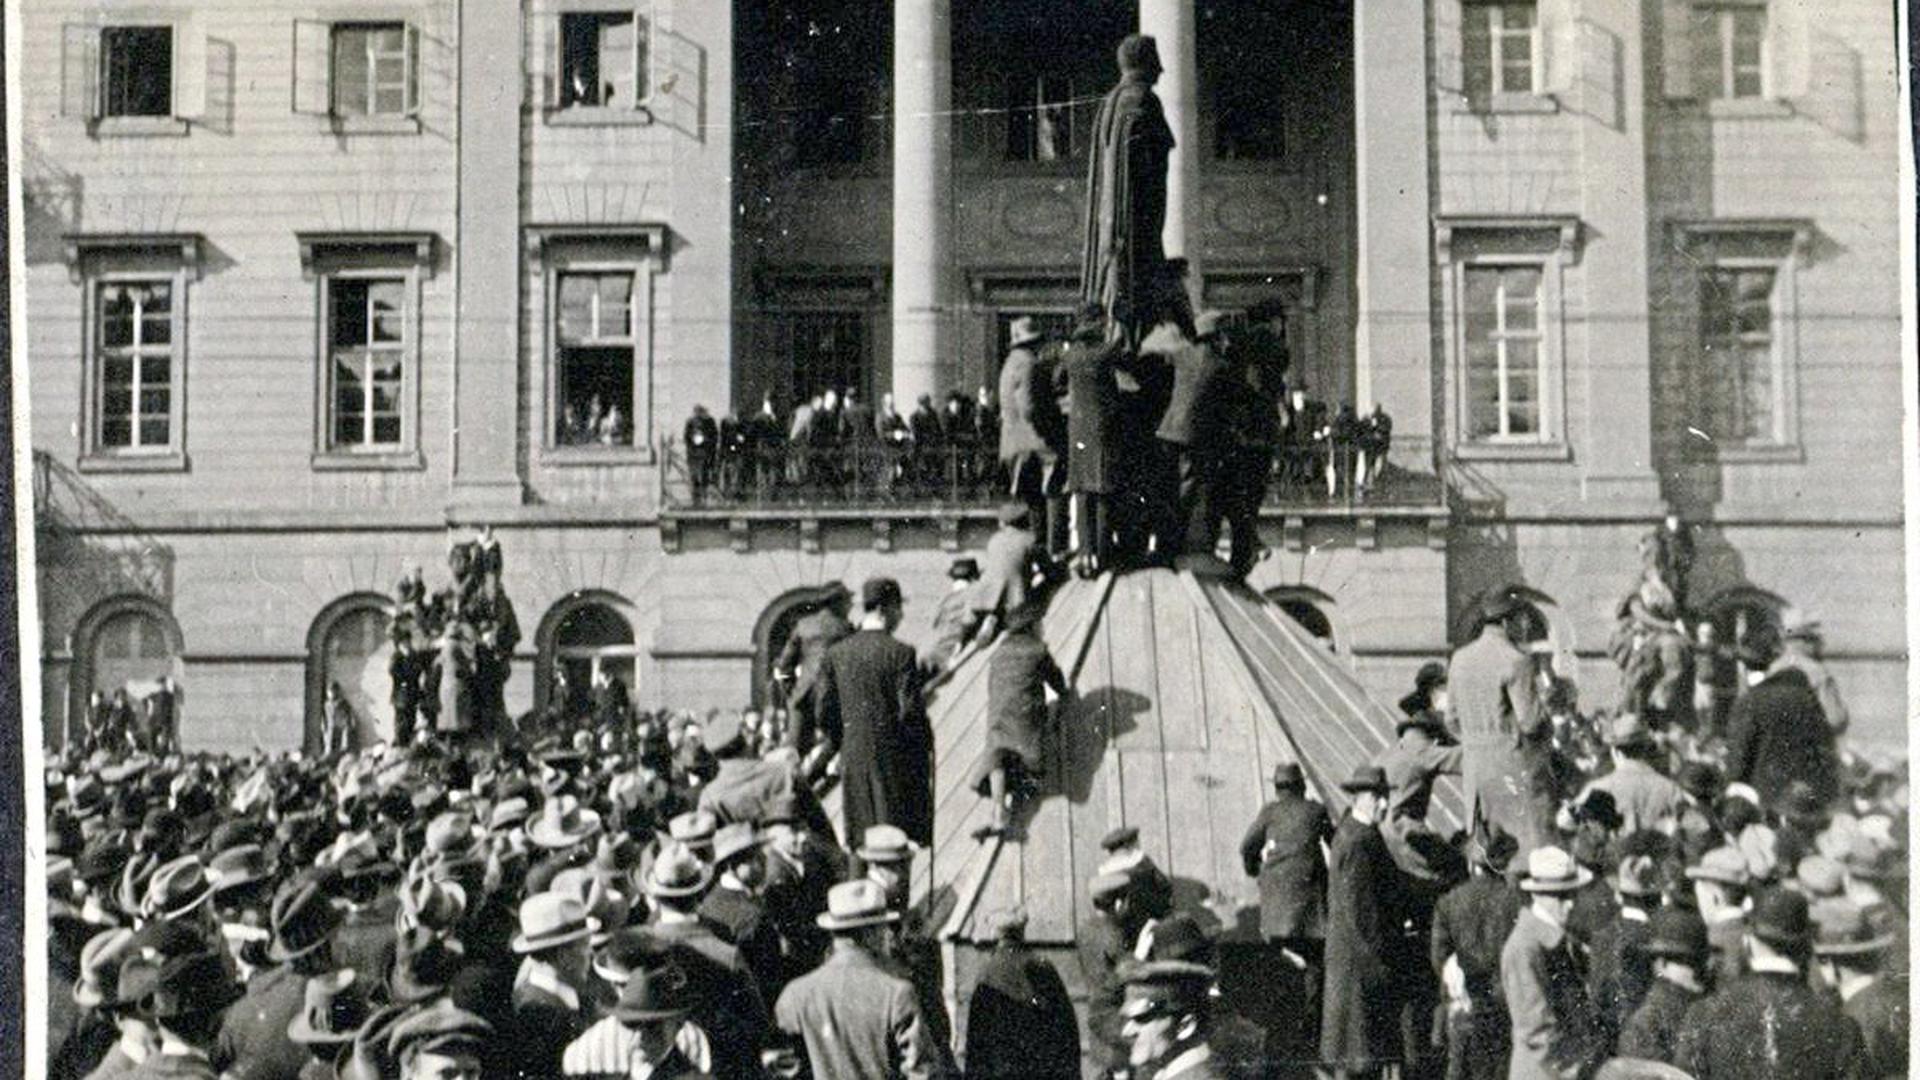 Wehrhafte Demokratie: Am 14. März 1920 demonstrierten Tausende Menschen vor dem Karlsruher Rathaus gegen den Kapp-Putsch. Zwei Tage später wurde der Generalstreik ausgerufen.